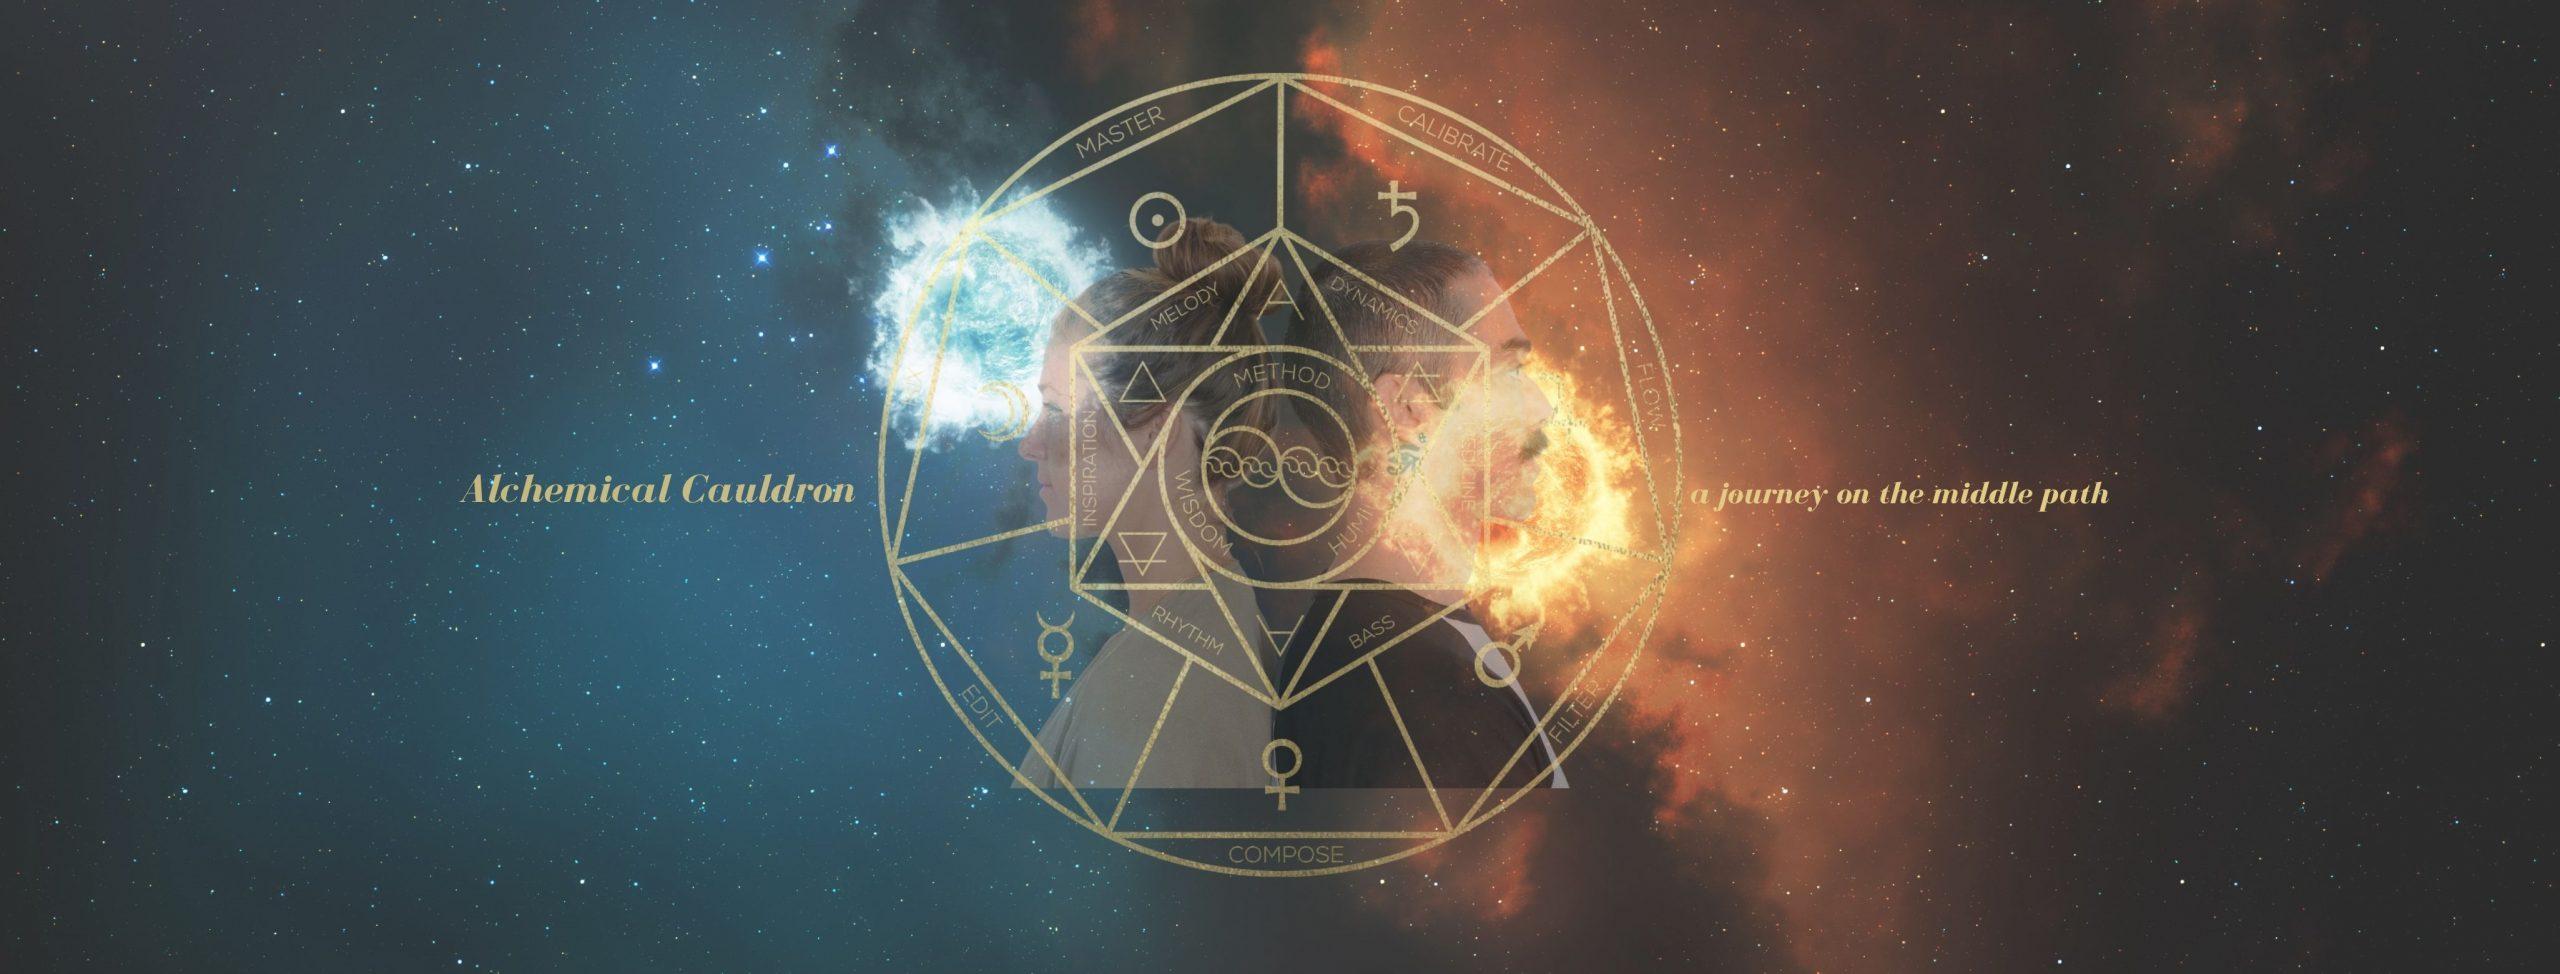 Alchemical Cauldron Course